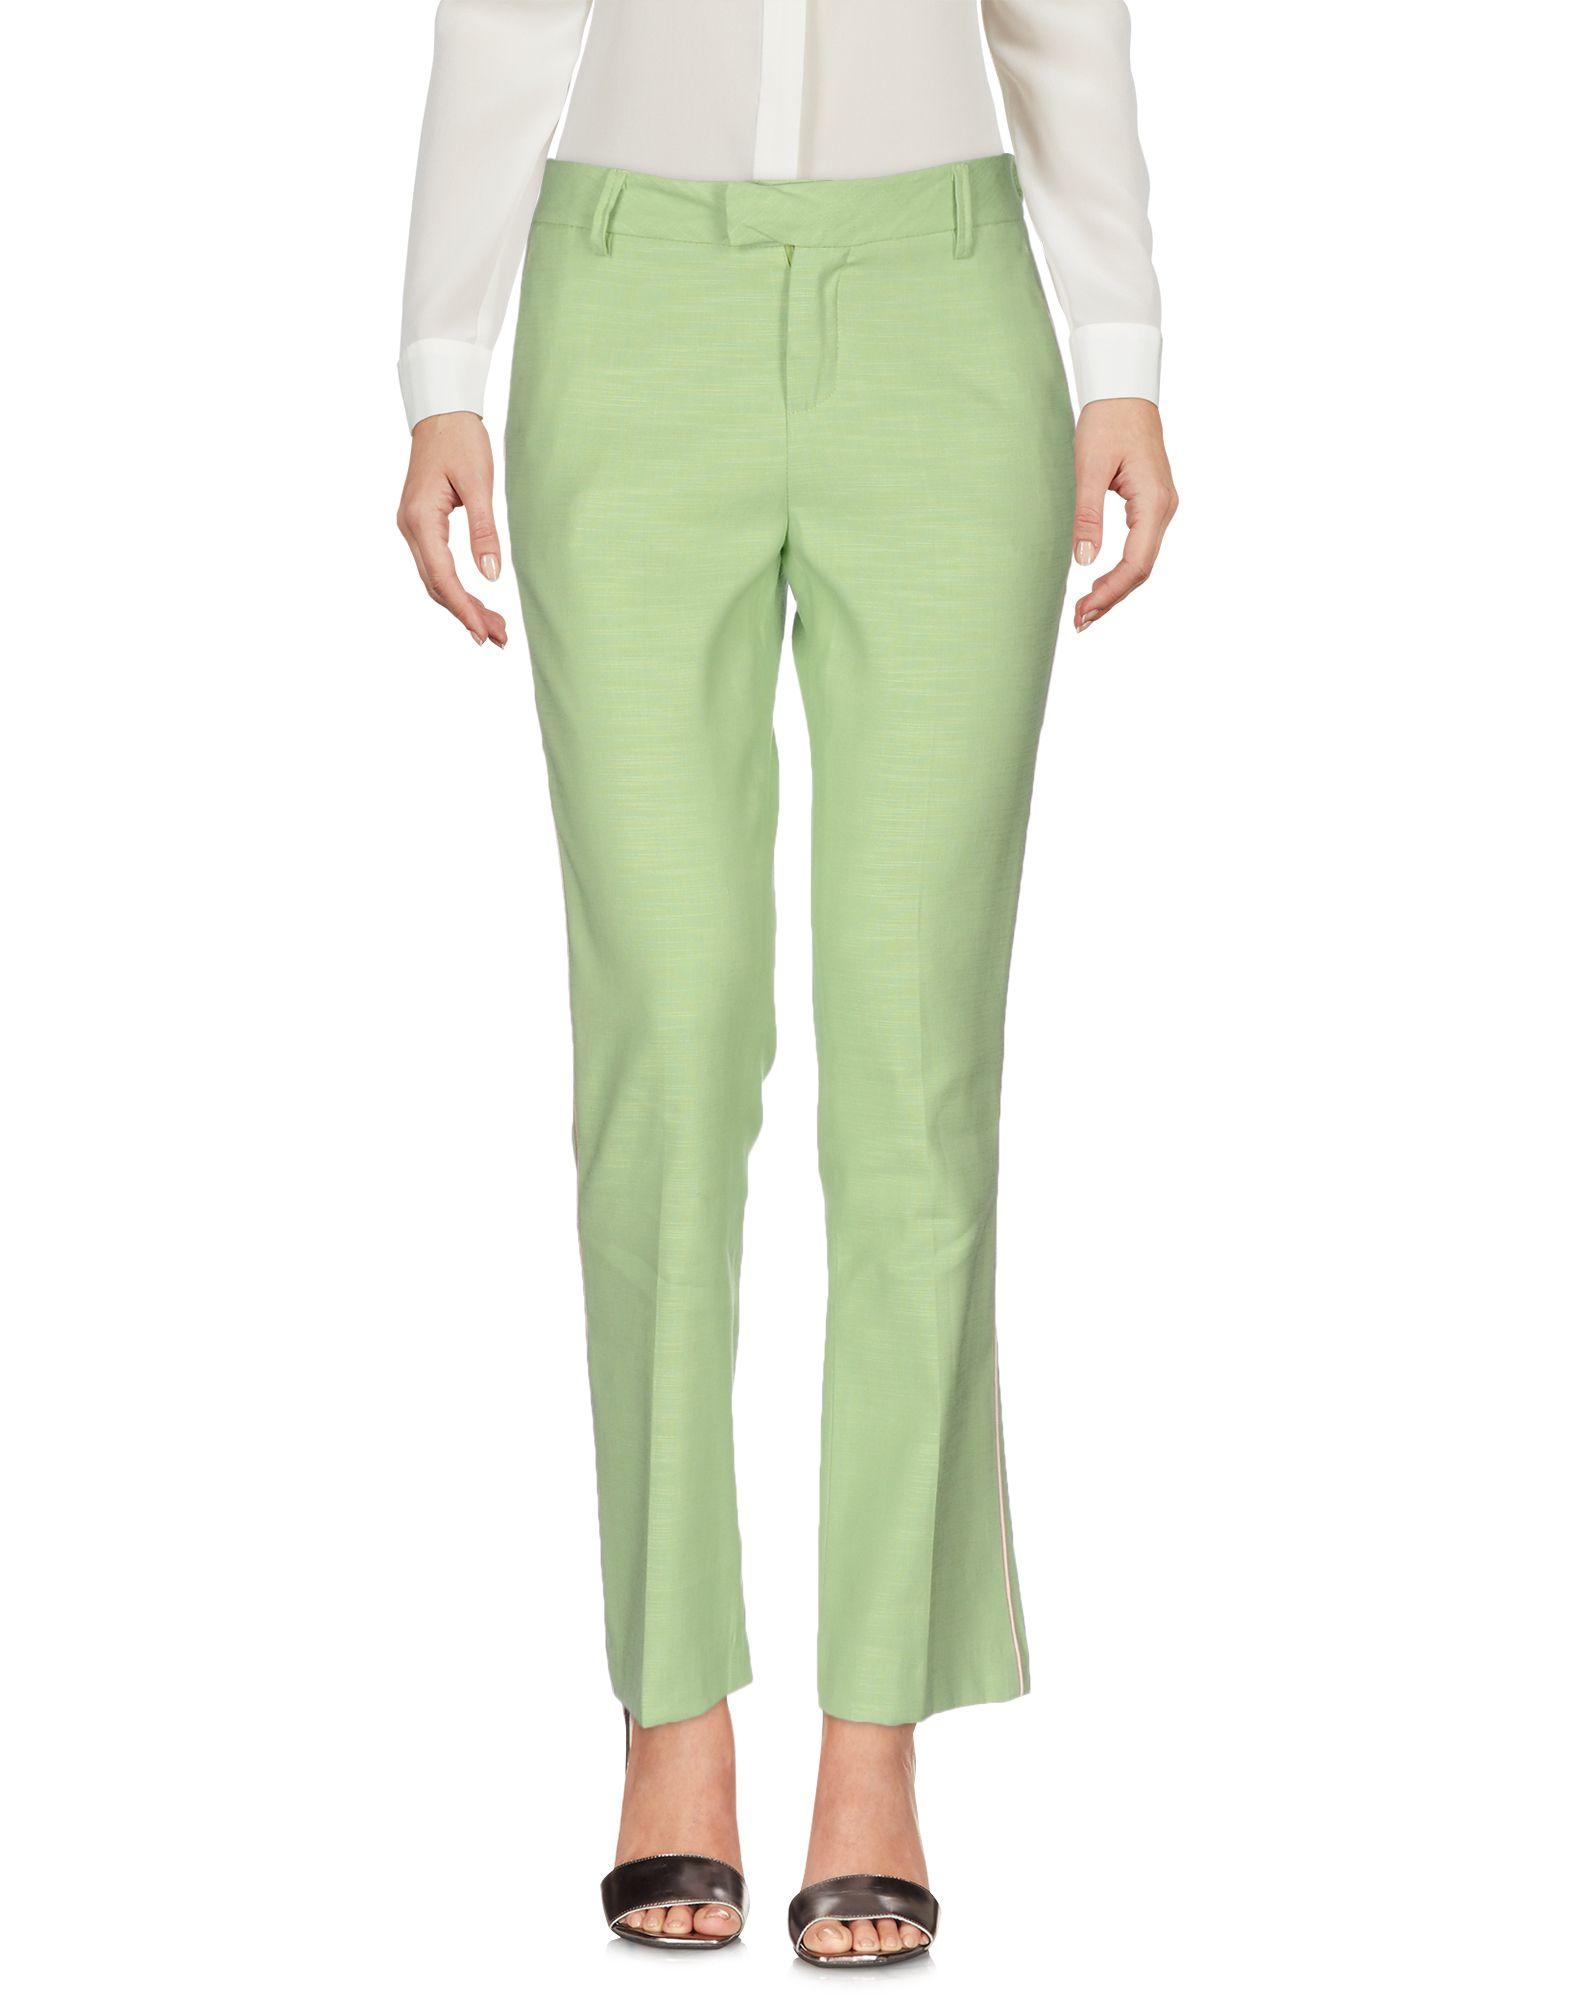 Pantalone Pantalone Pantalone Giuliette Marronee donna - 13140361NH b69